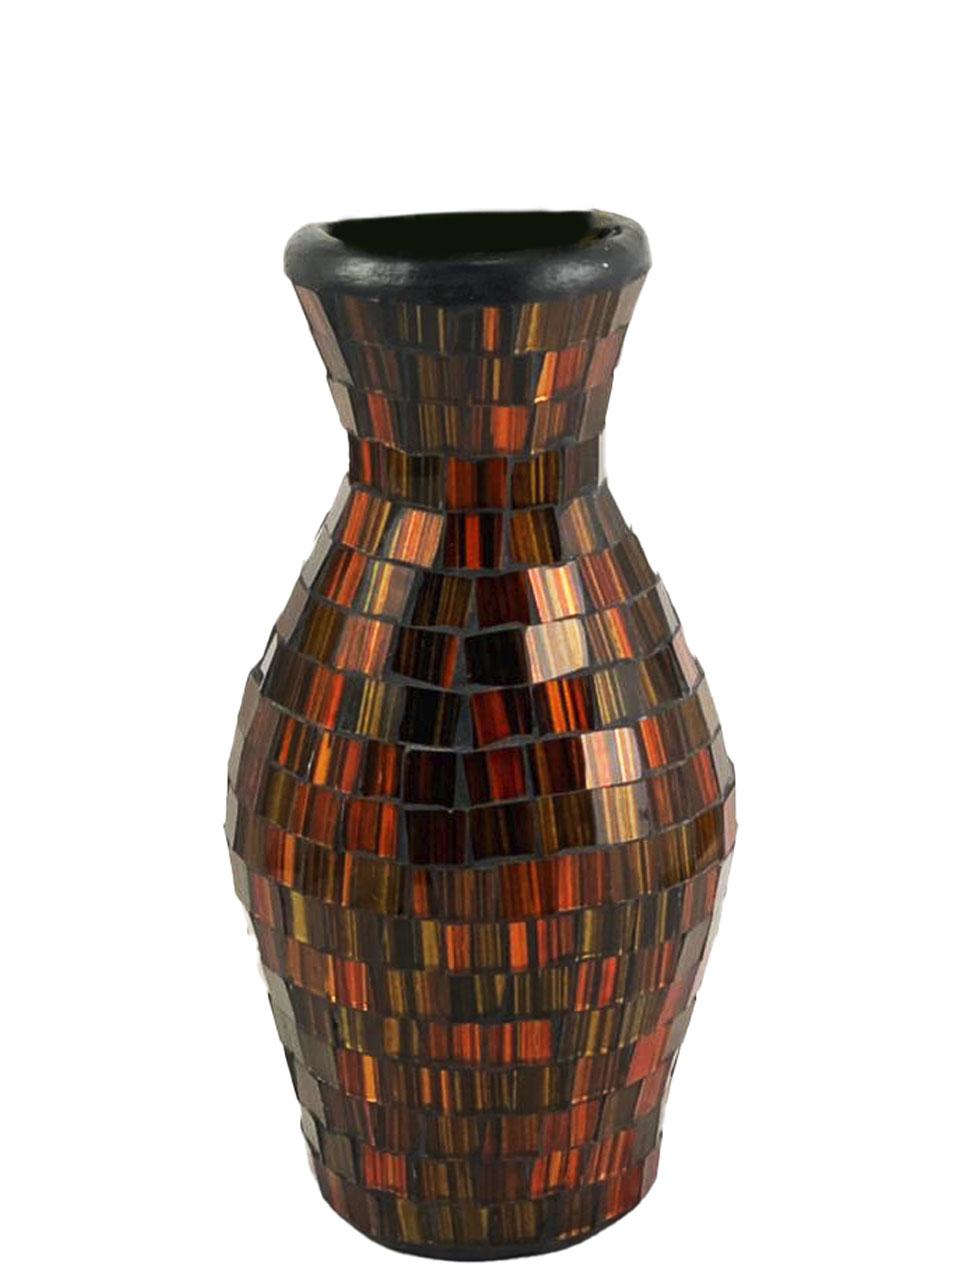 Vaso em Cerâmica em Mosaico de Vidro Cor Laranja/Dourado e Preto ( 21cm )